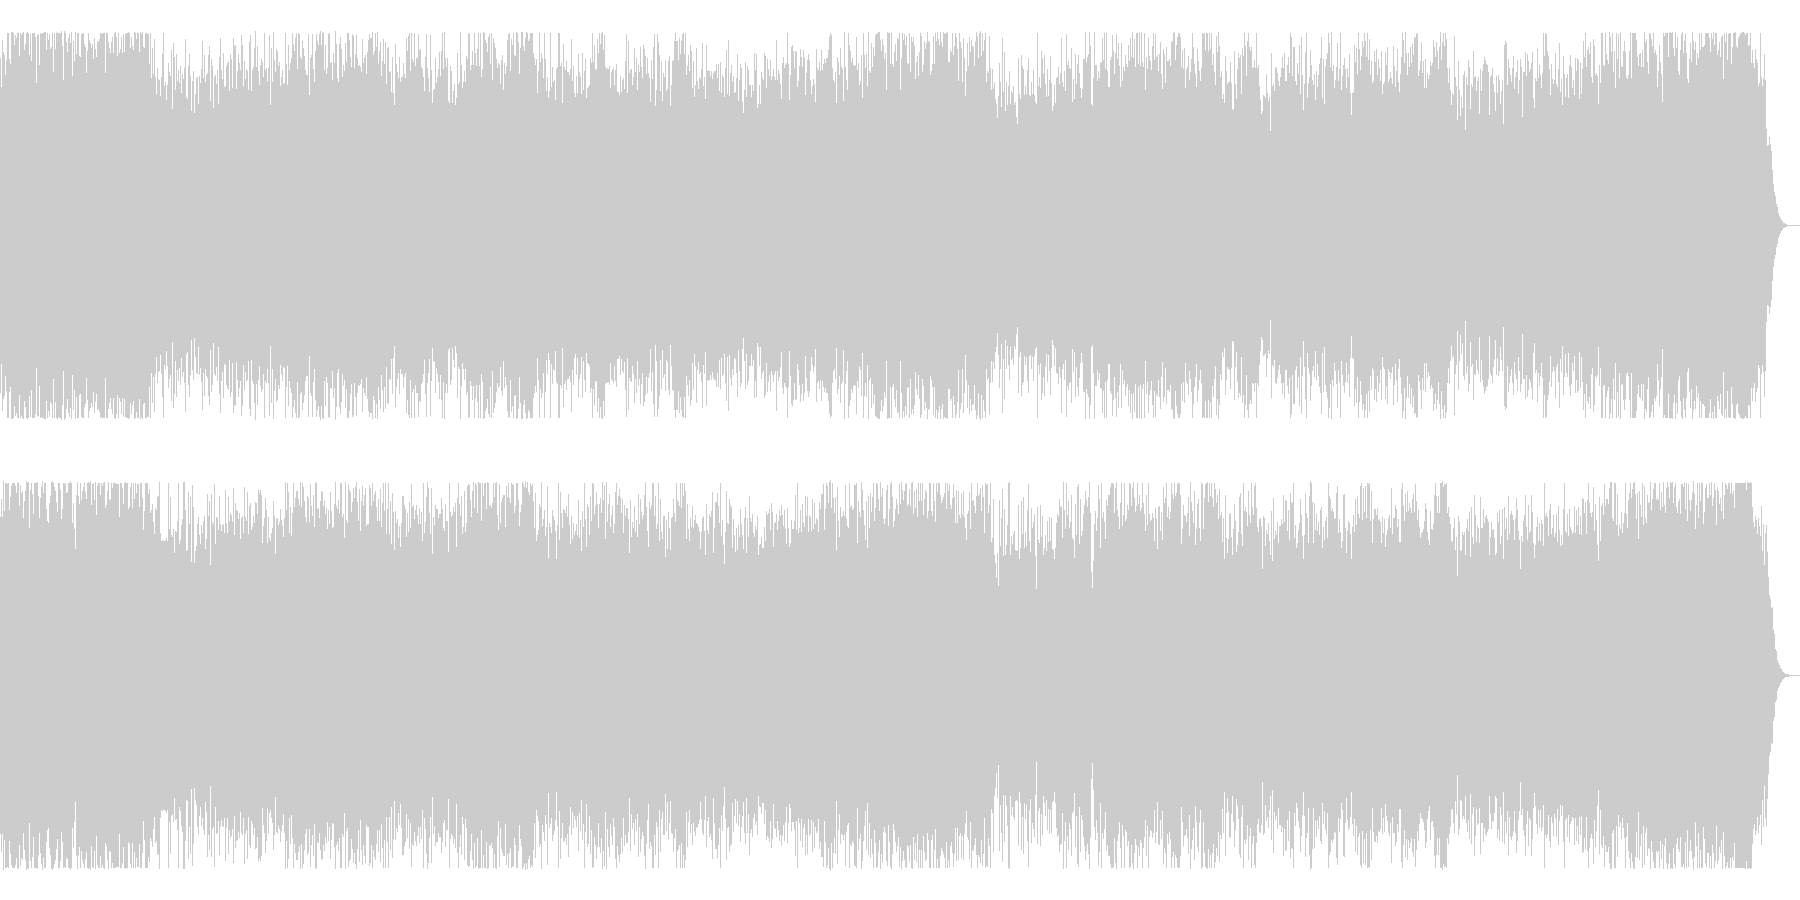 3連リズムのメロディックなメタルインストの未再生の波形